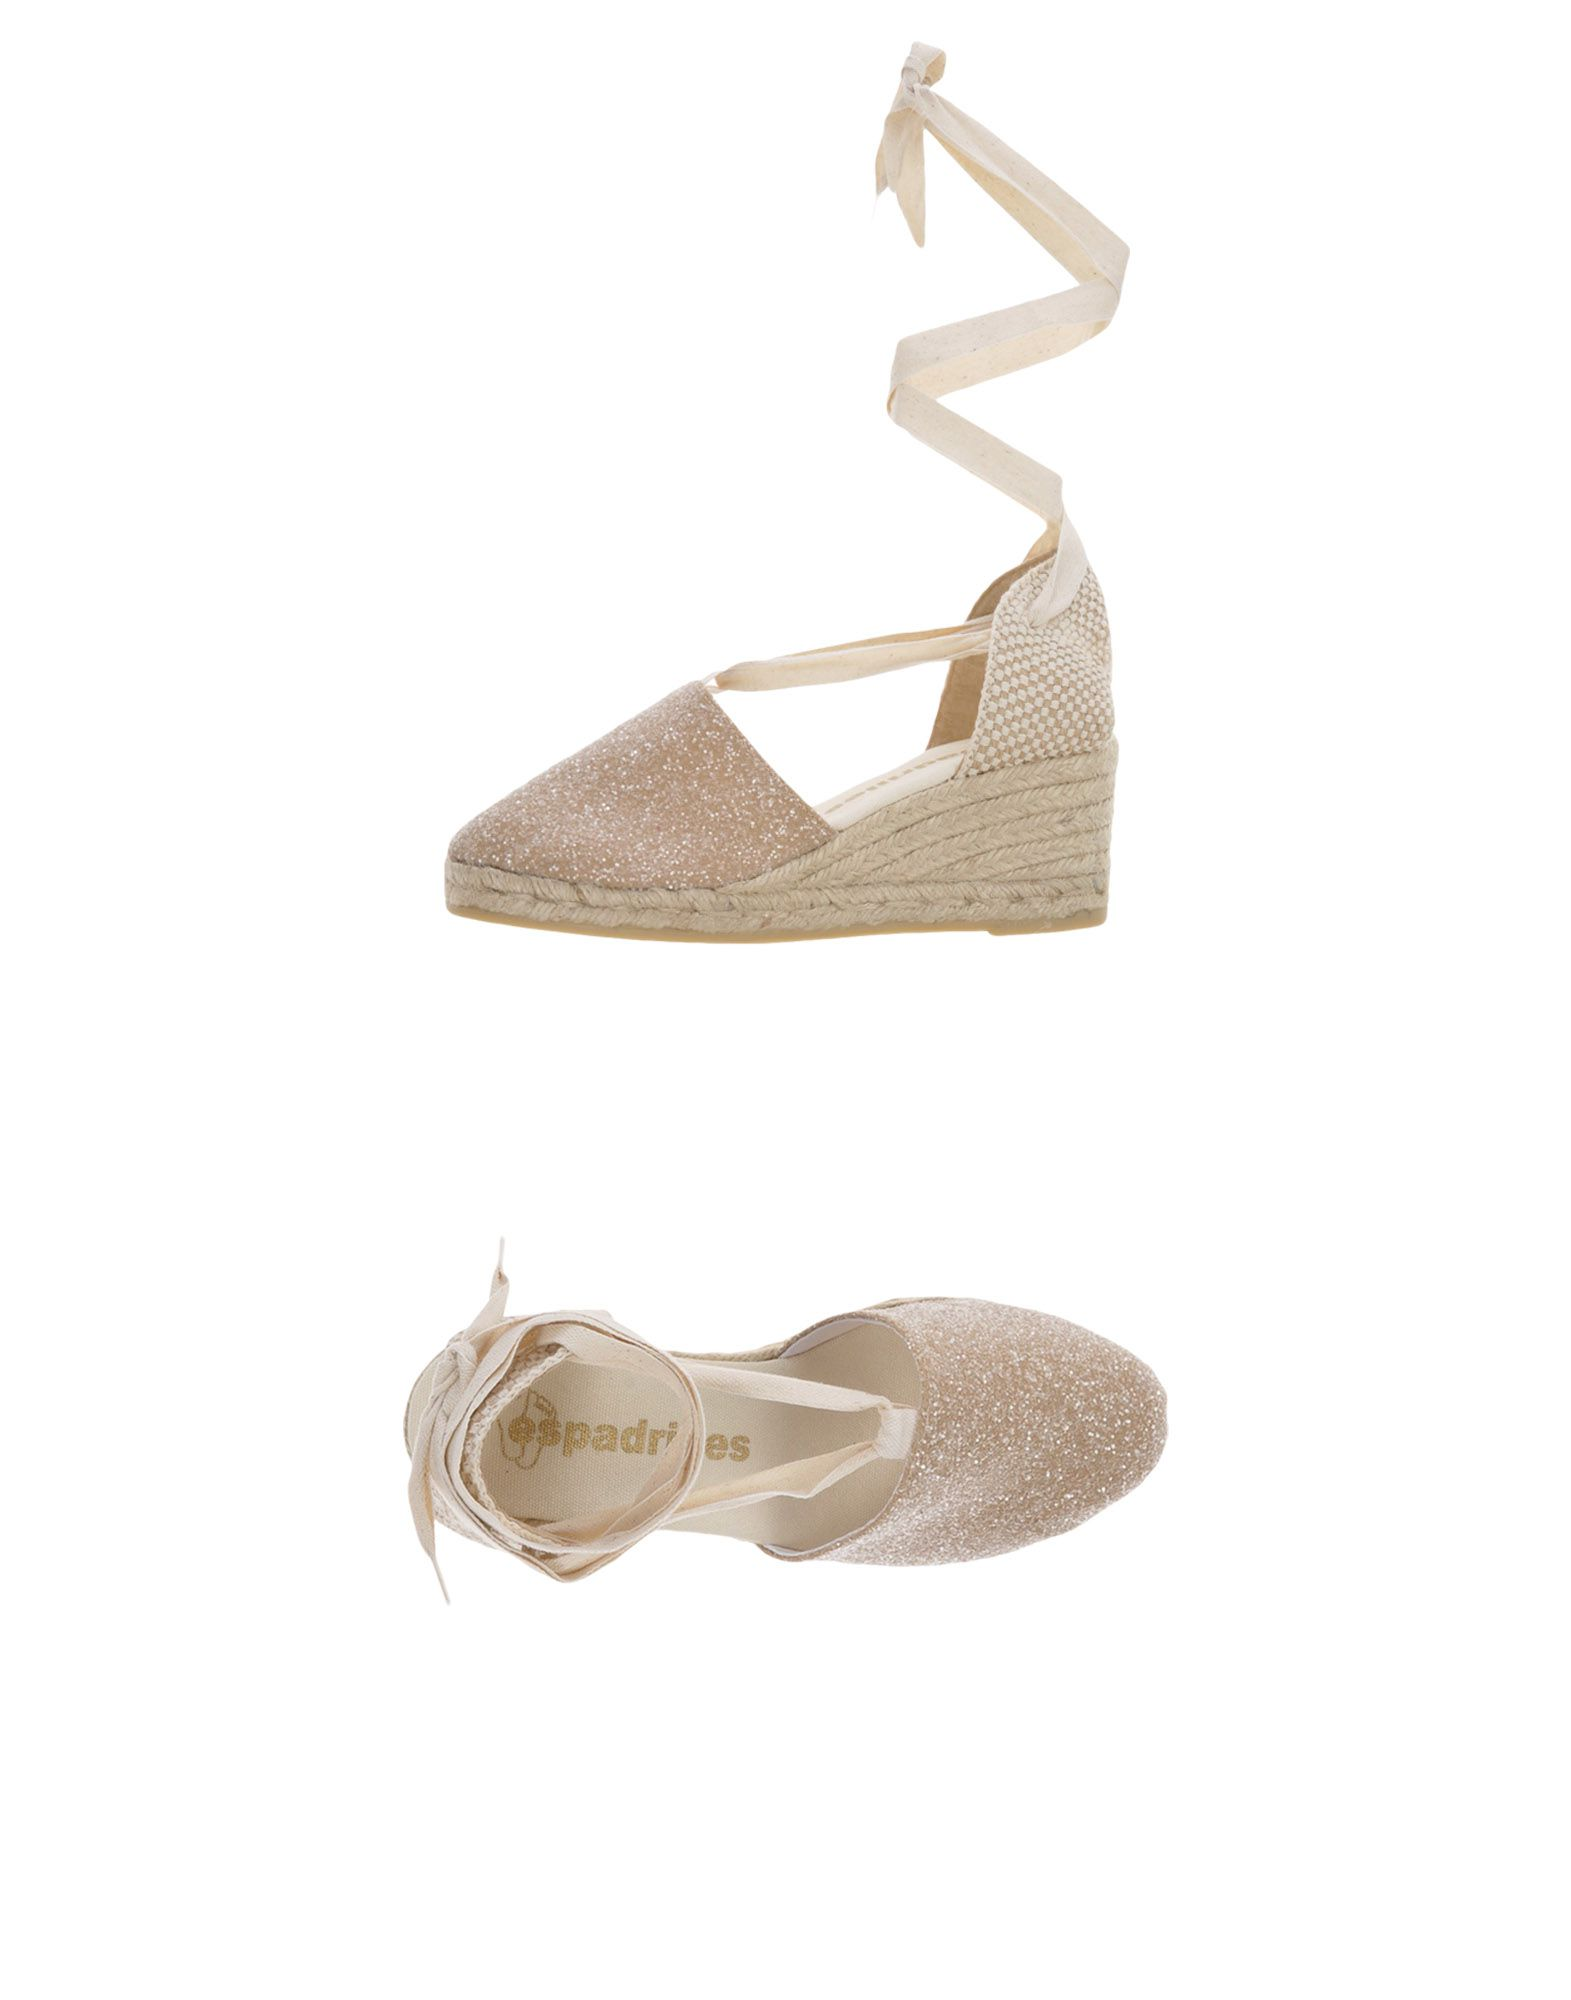 Espadrilles Espadrilles Damen  11462264RN Gute Qualität beliebte Schuhe Schuhe Schuhe 2c2225